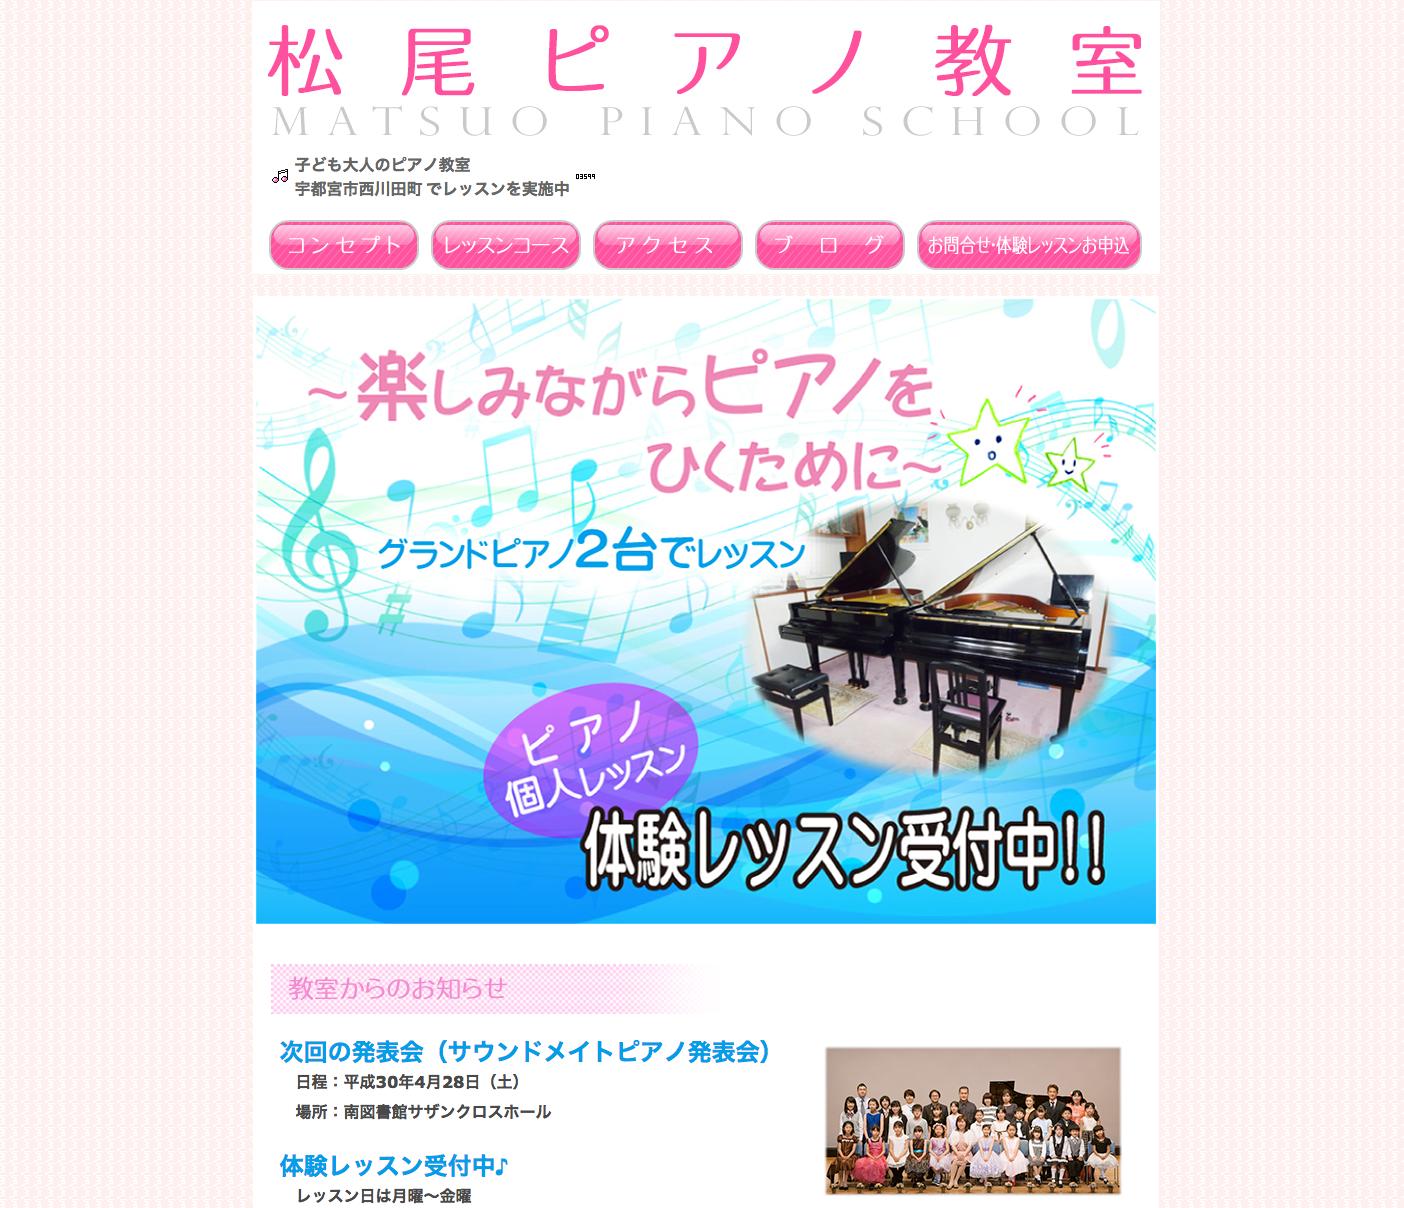 松尾ピアノ教室